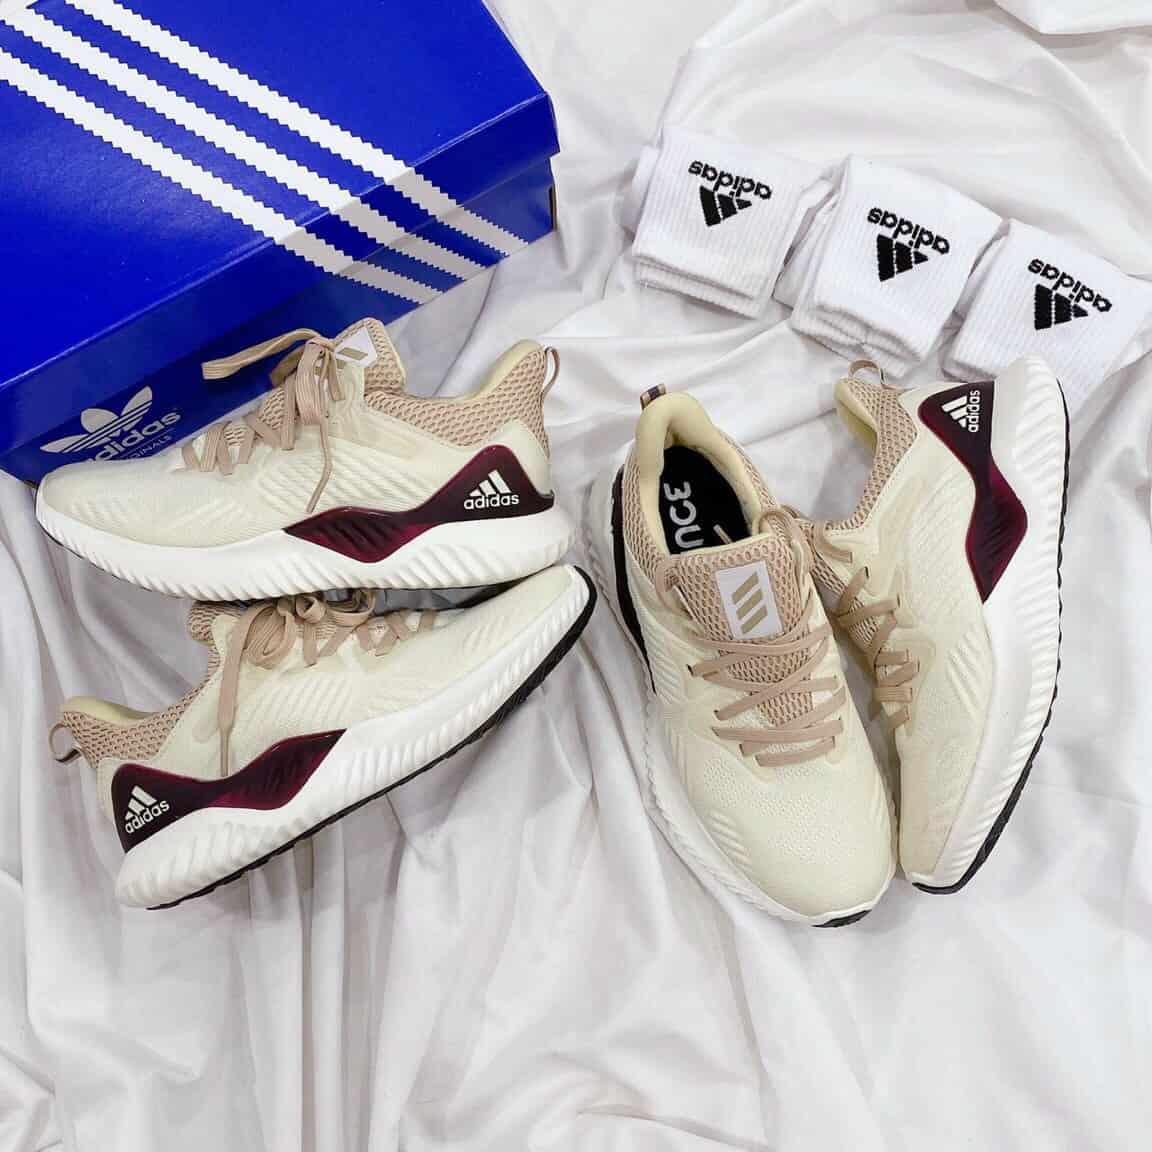 Sản phẩm giày Adidas Rep giống hàng thật 95%